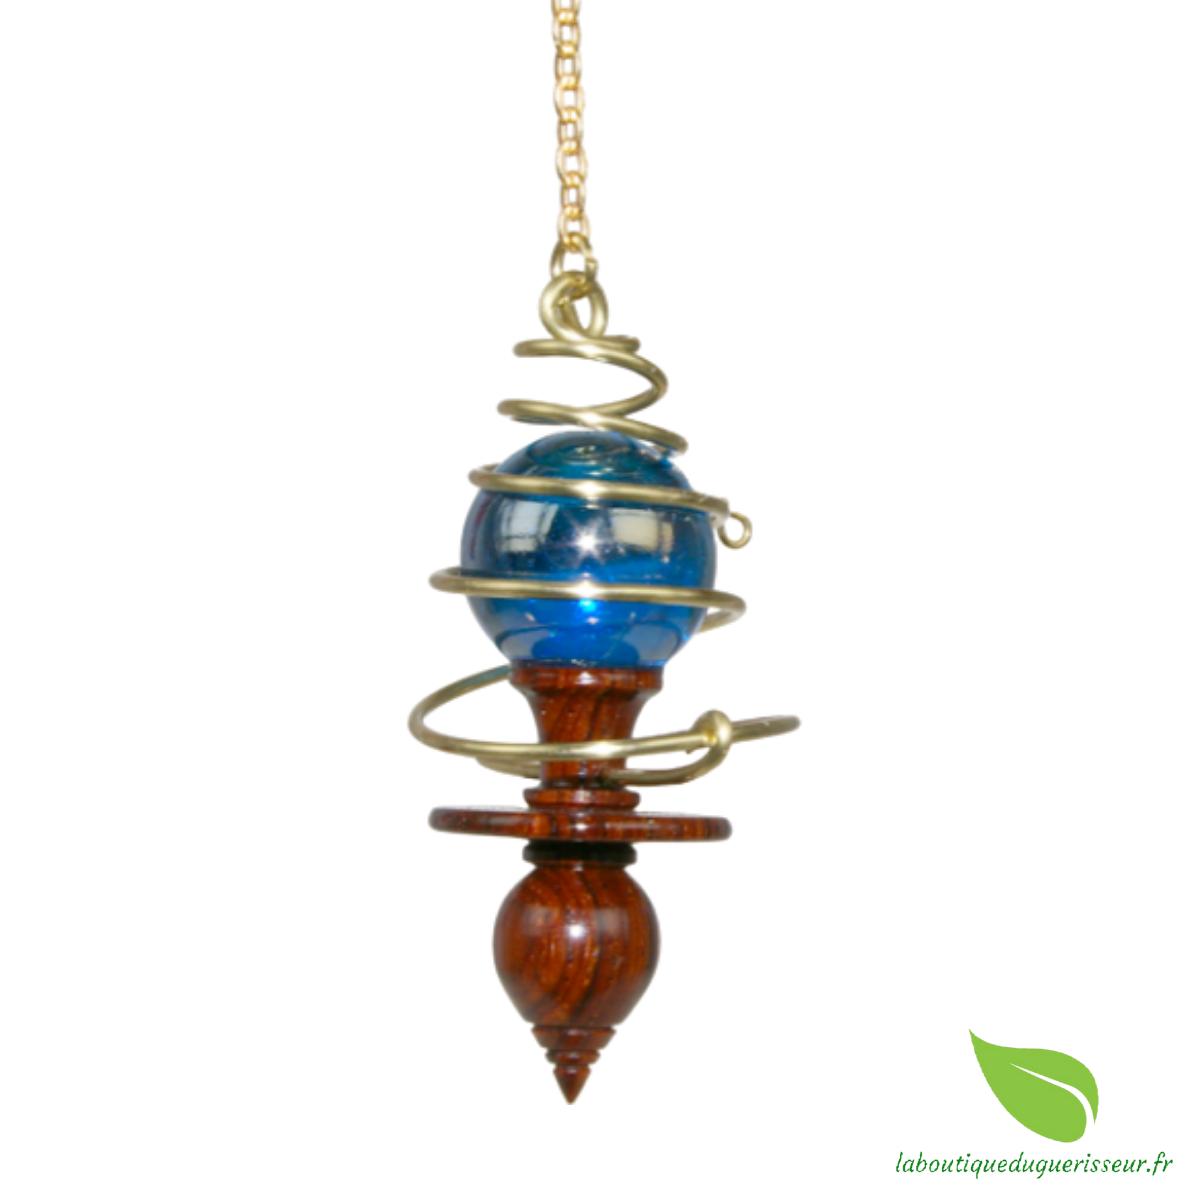 Pendule du Guérisseur (Bois Précieux exotique, laiton et sphère bleue de Murano)